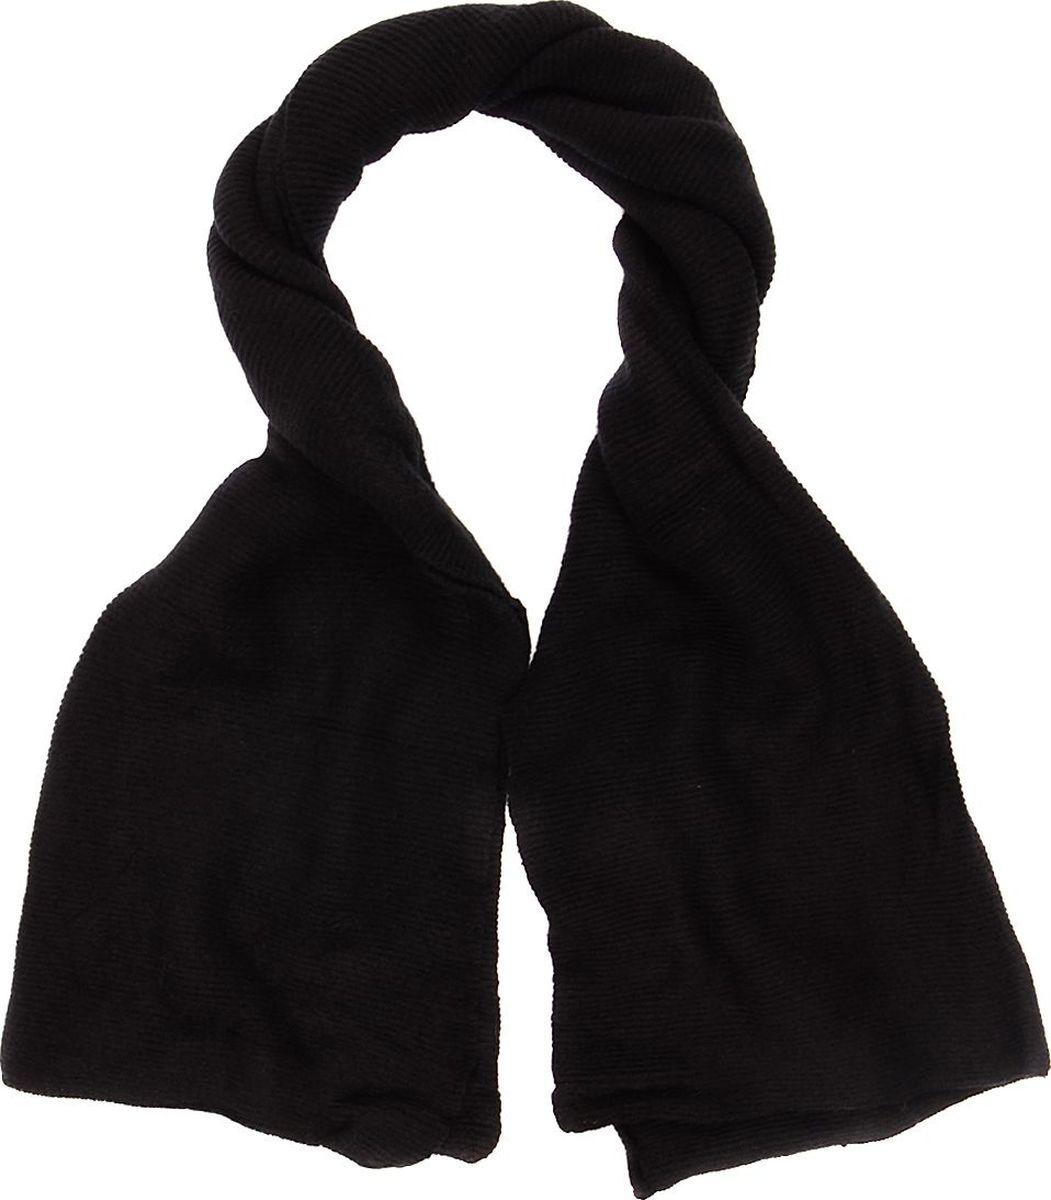 Шарф женский Laccom, цвет: черный. 3306. Размер 190 см х 70 см3306BШарф от Laccom, выполненный из высококачественного материала, приятный на ощупь и подойдет к любому стилю.